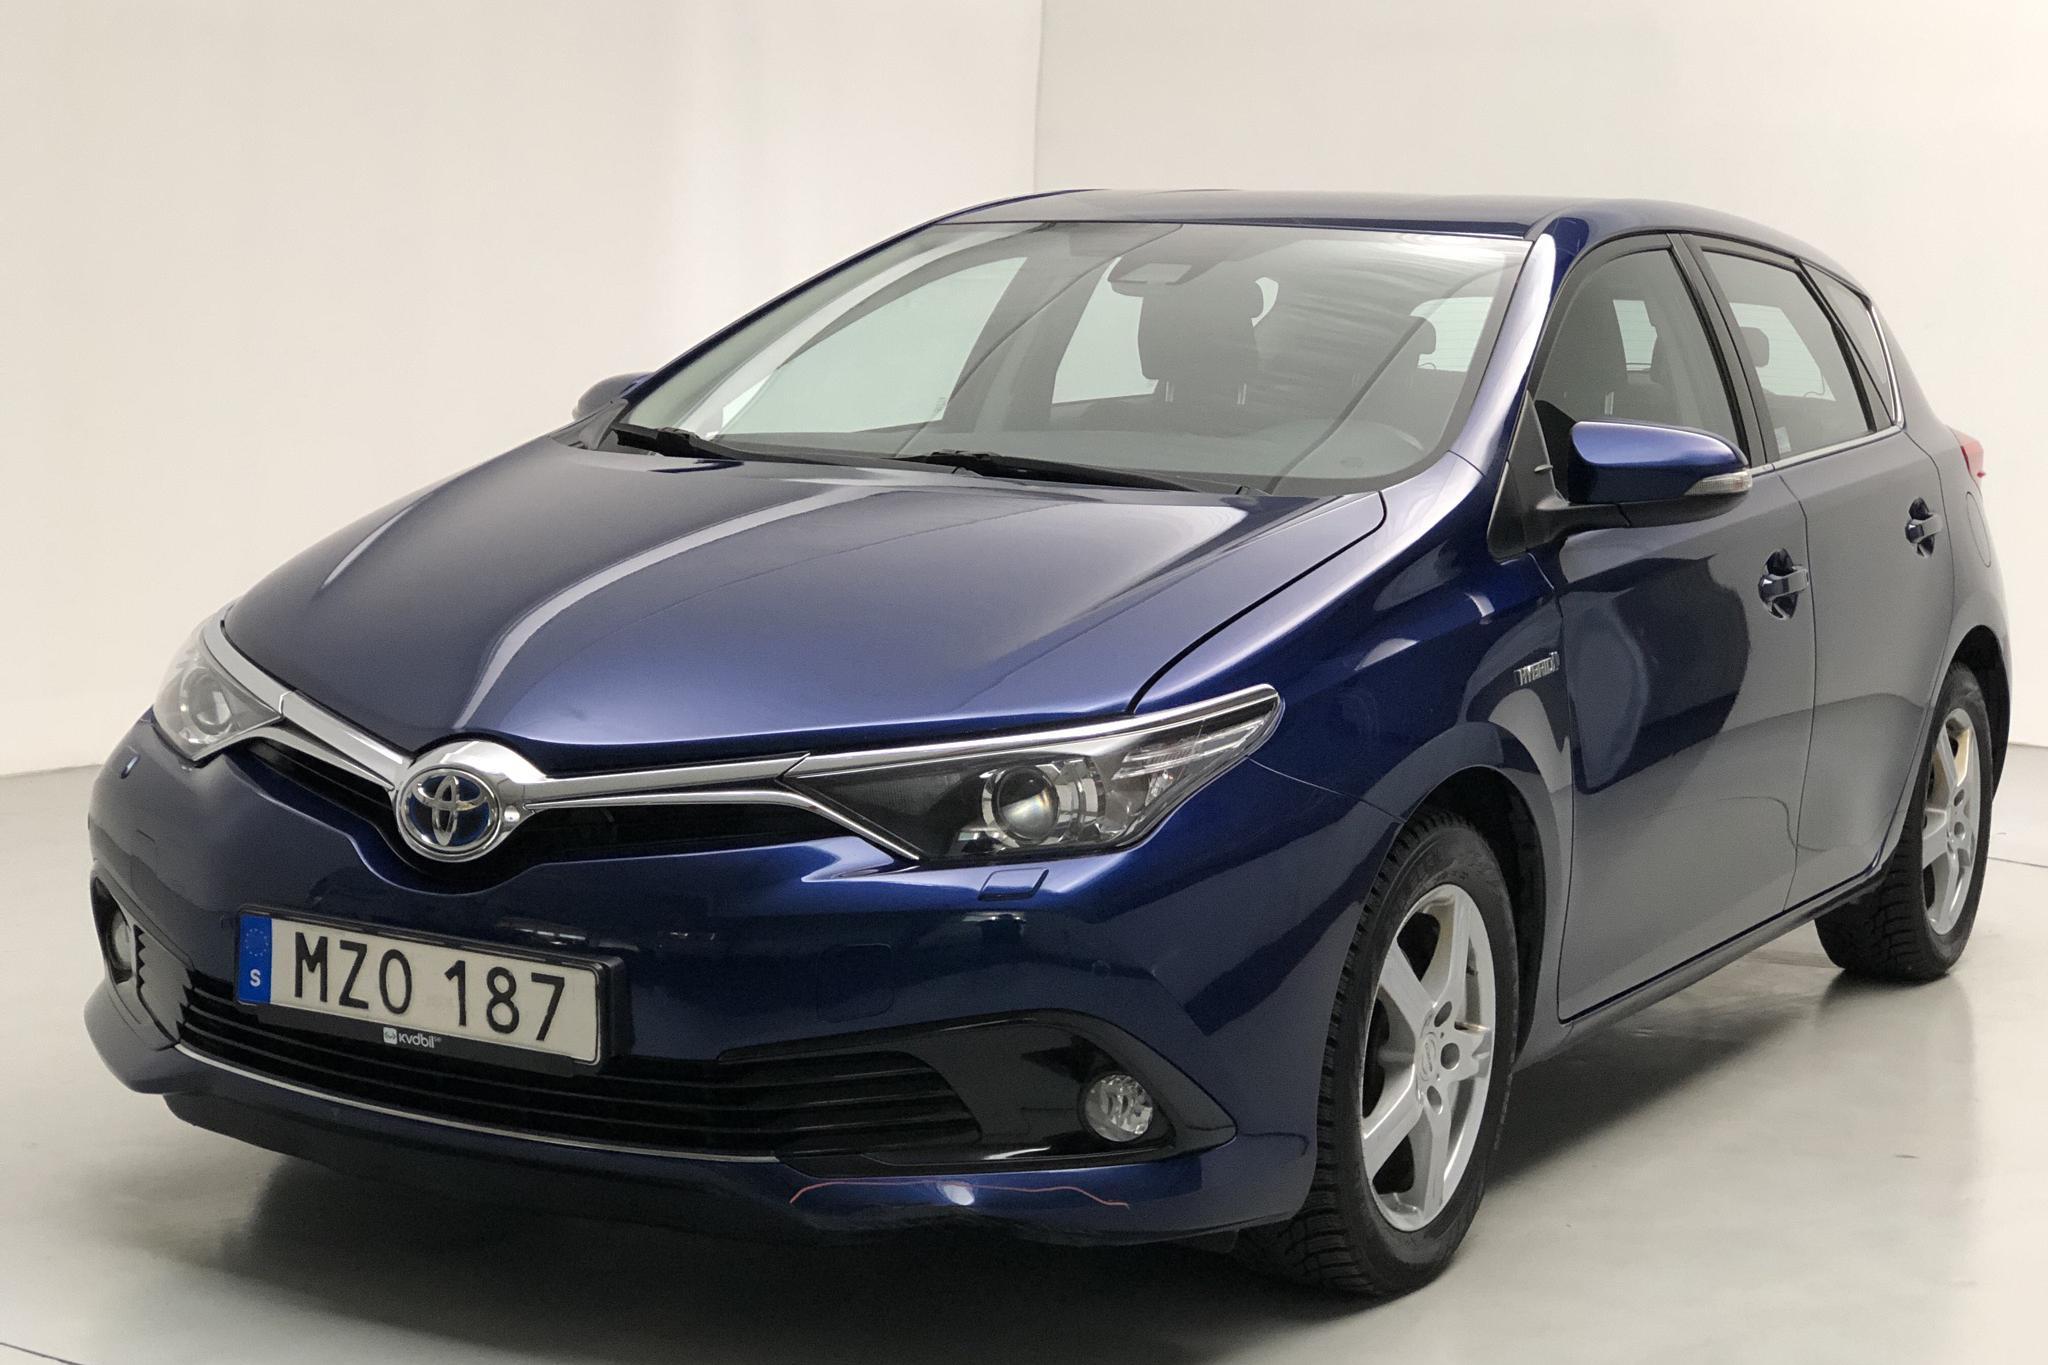 Toyota Auris 1.8 HSD 5dr (99hk) - 10 743 mil - Automat - Dark Blue - 2017